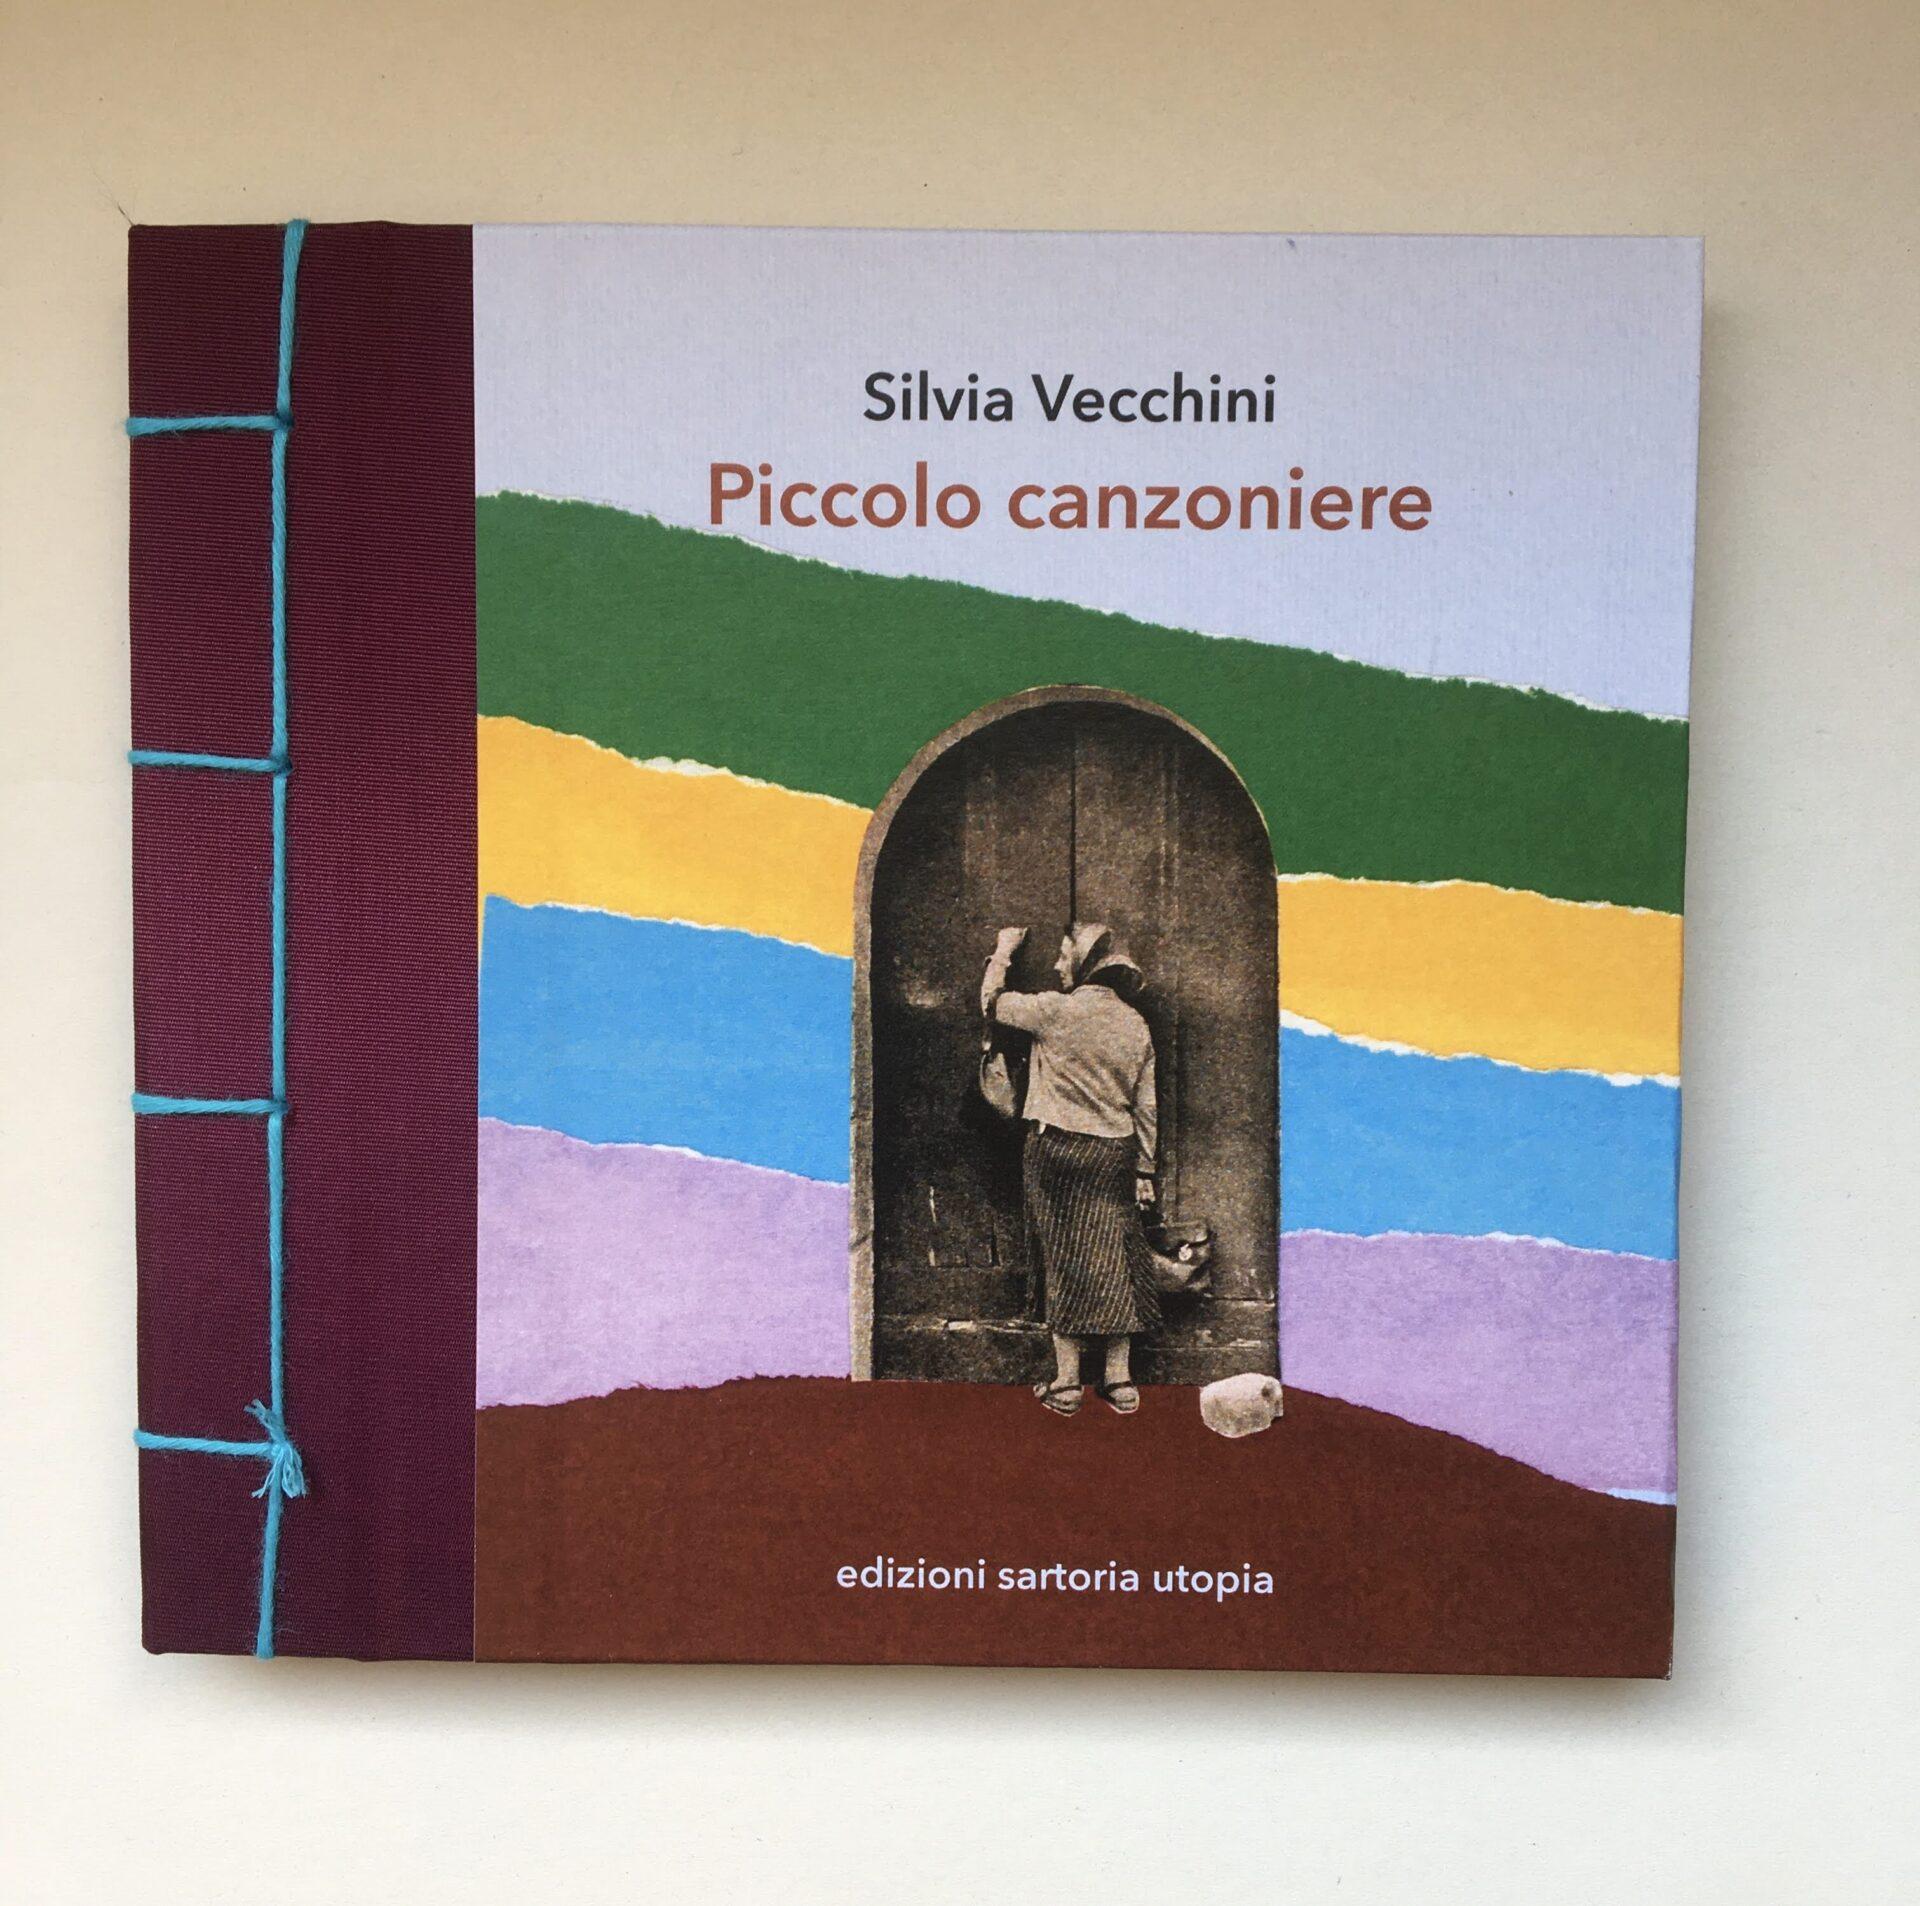 Silvia Vecchini Piccolo canzoniere